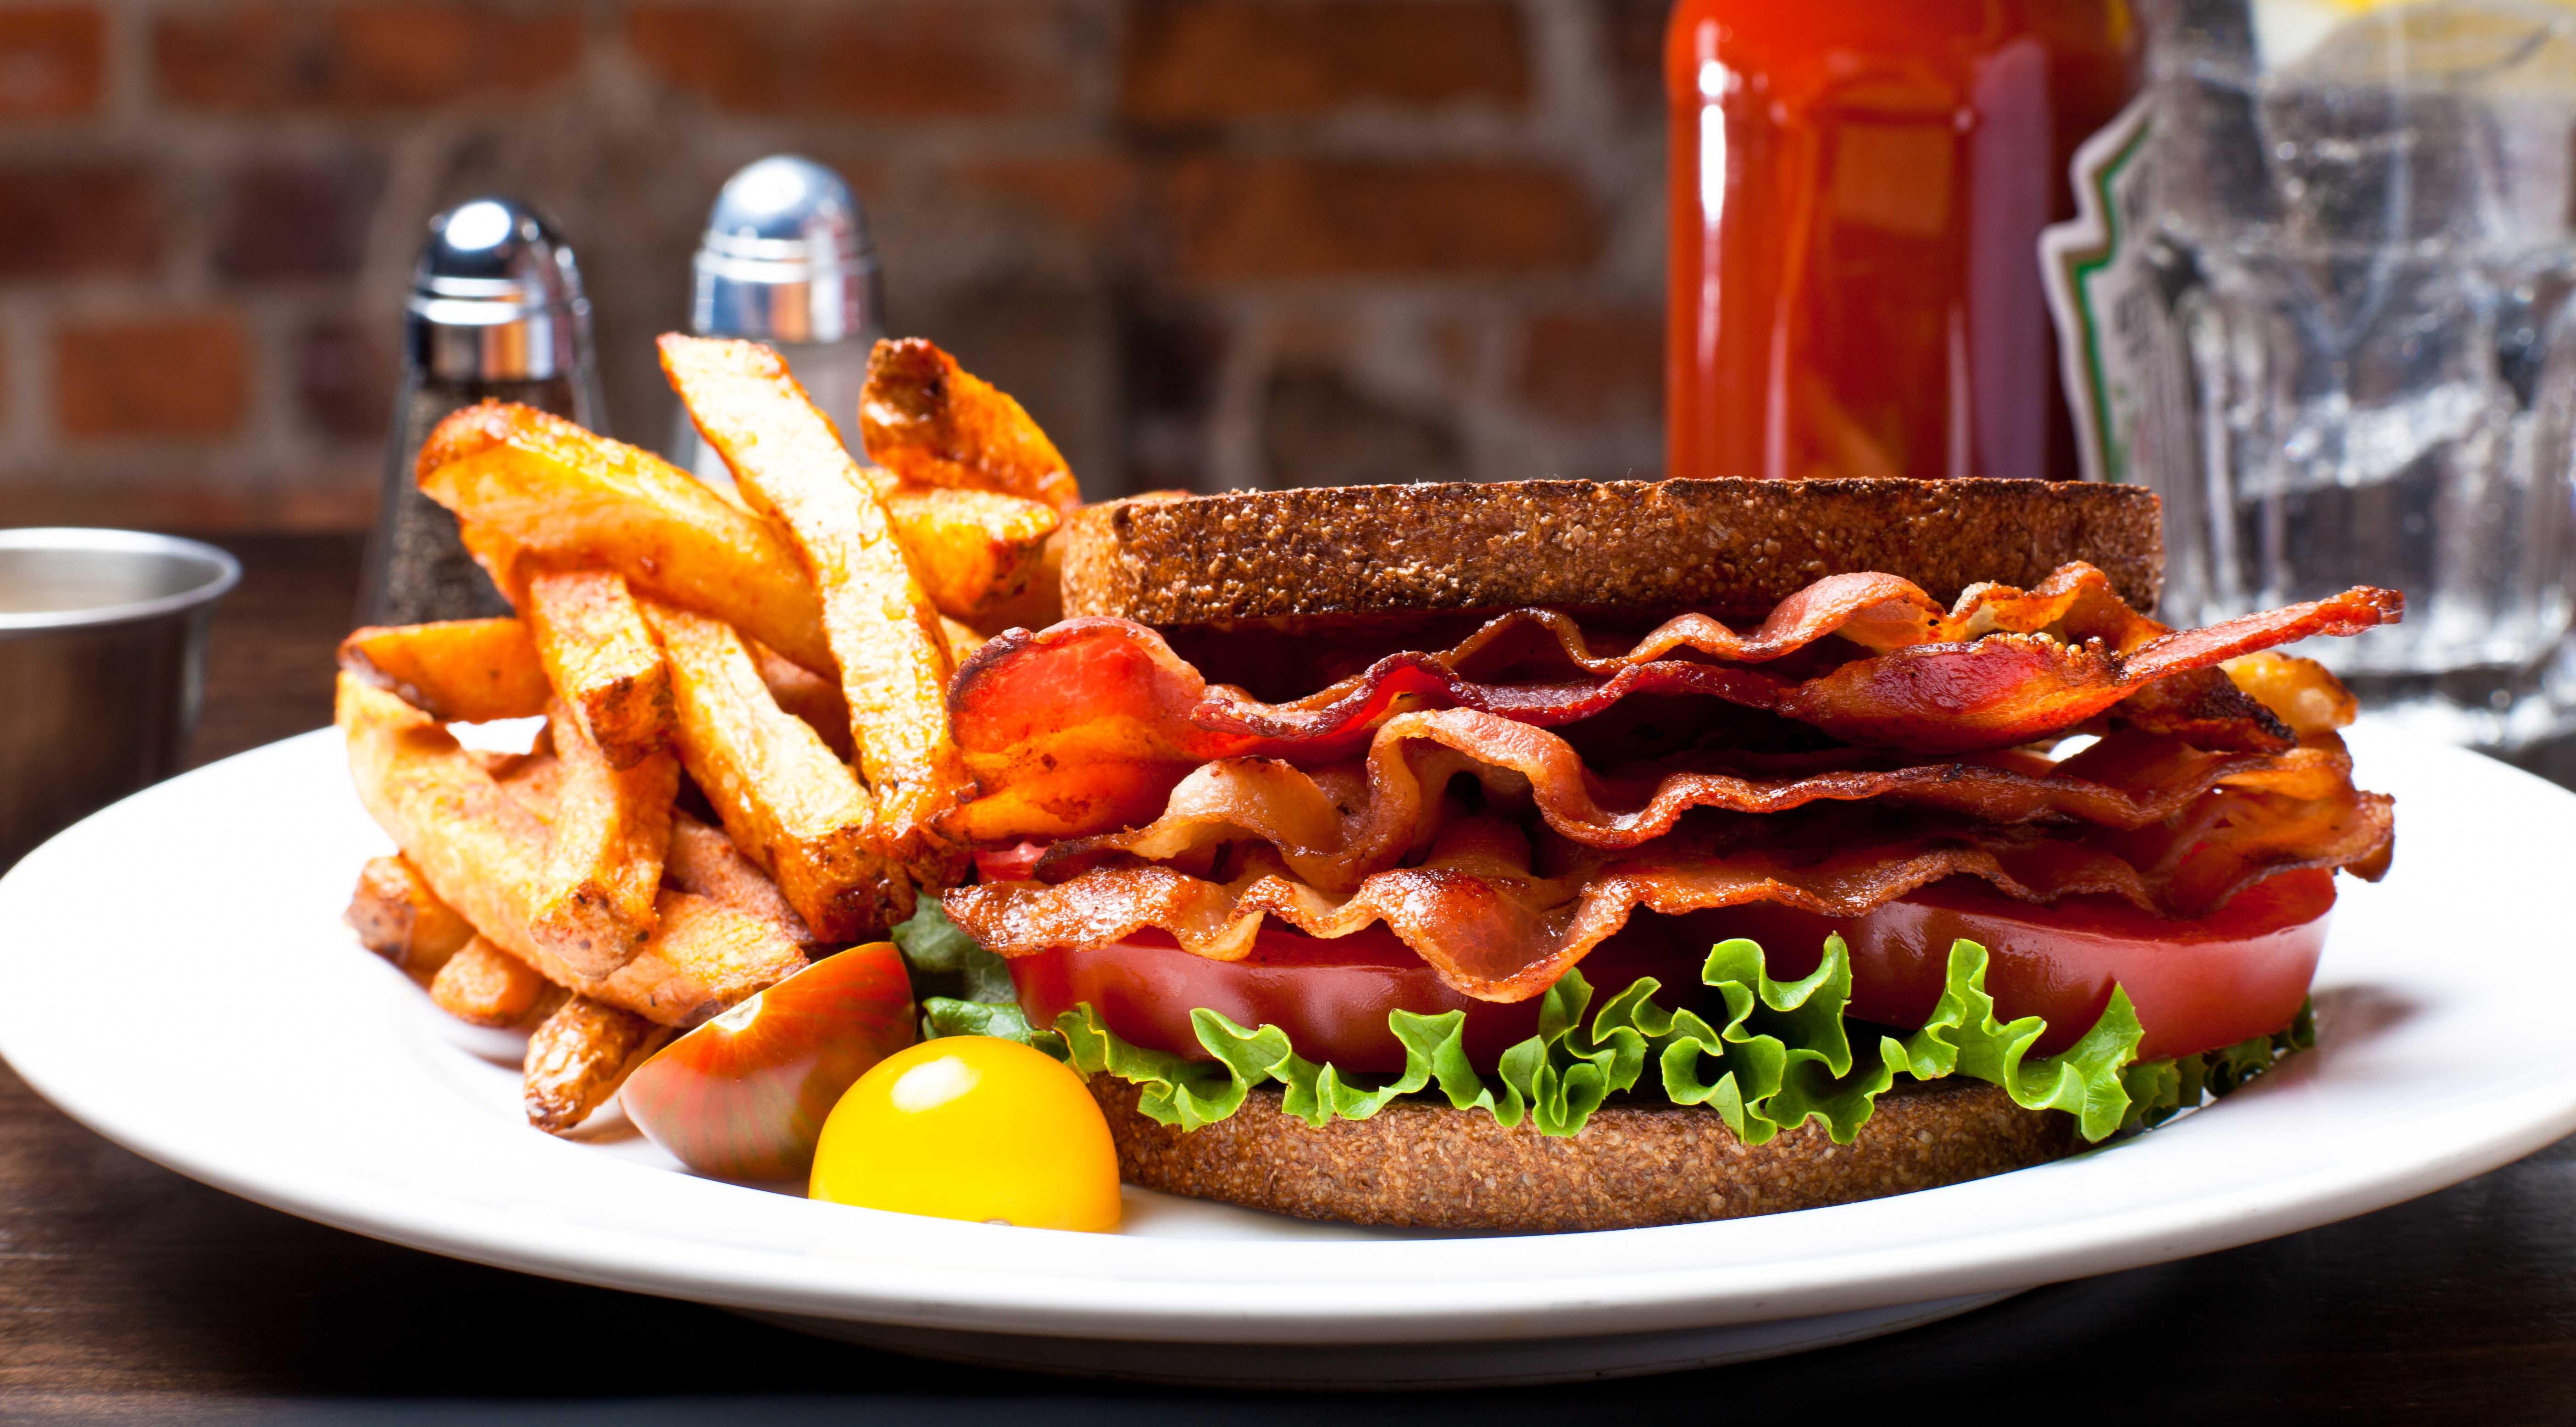 روش های برای وزن کم کردن که هیچ ربطی به غذا خوردن ندارند